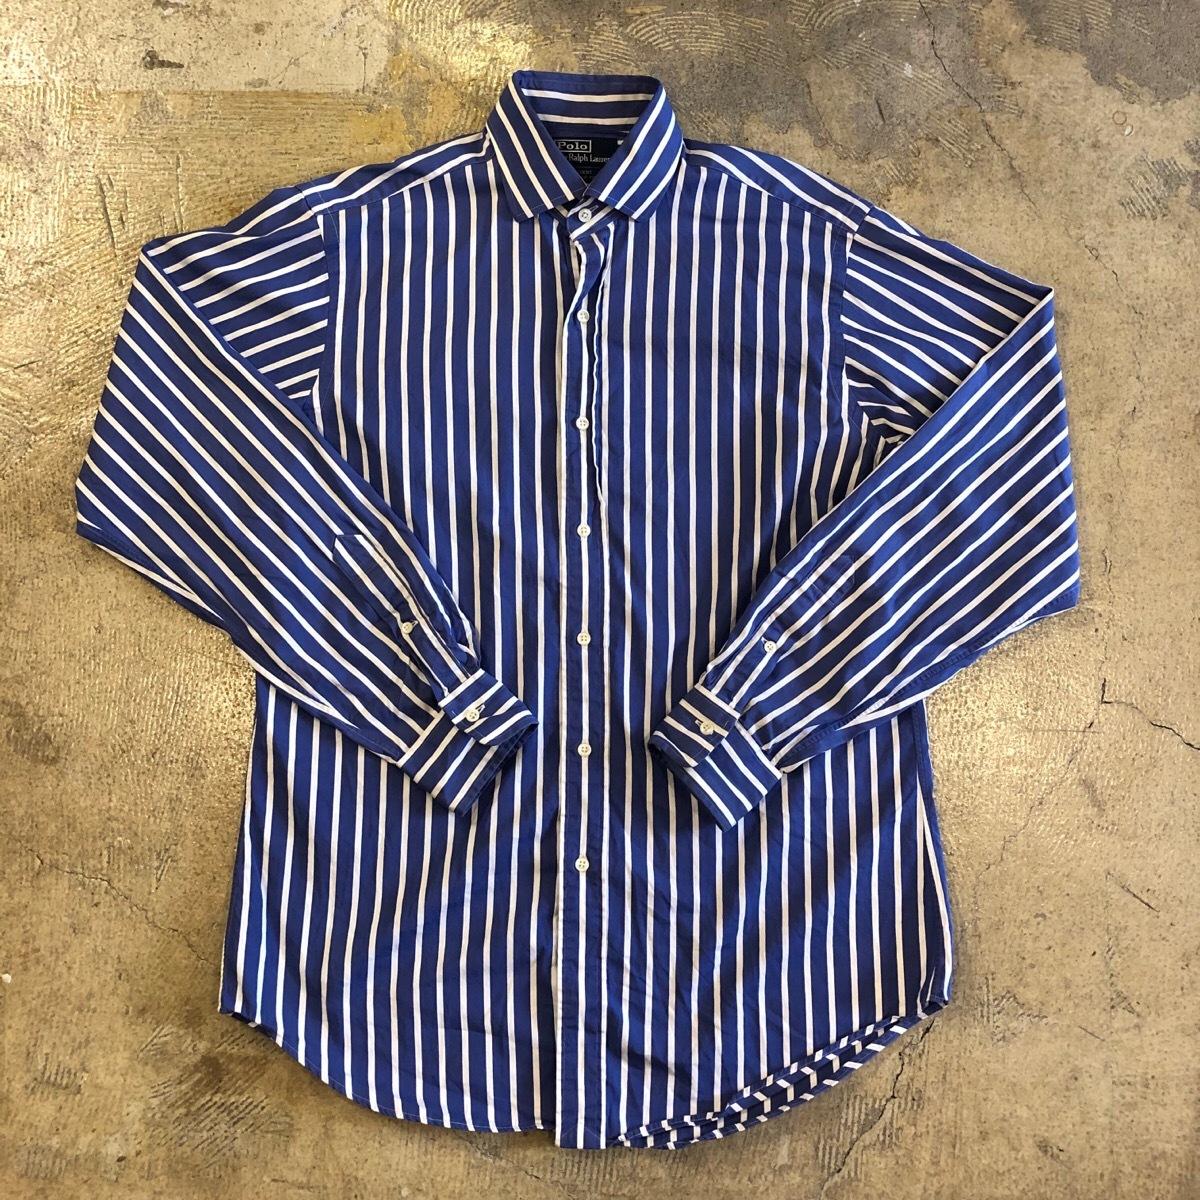 Ralph Lauren Striped L/S Button Down Shirt 2 ¥4600+tax